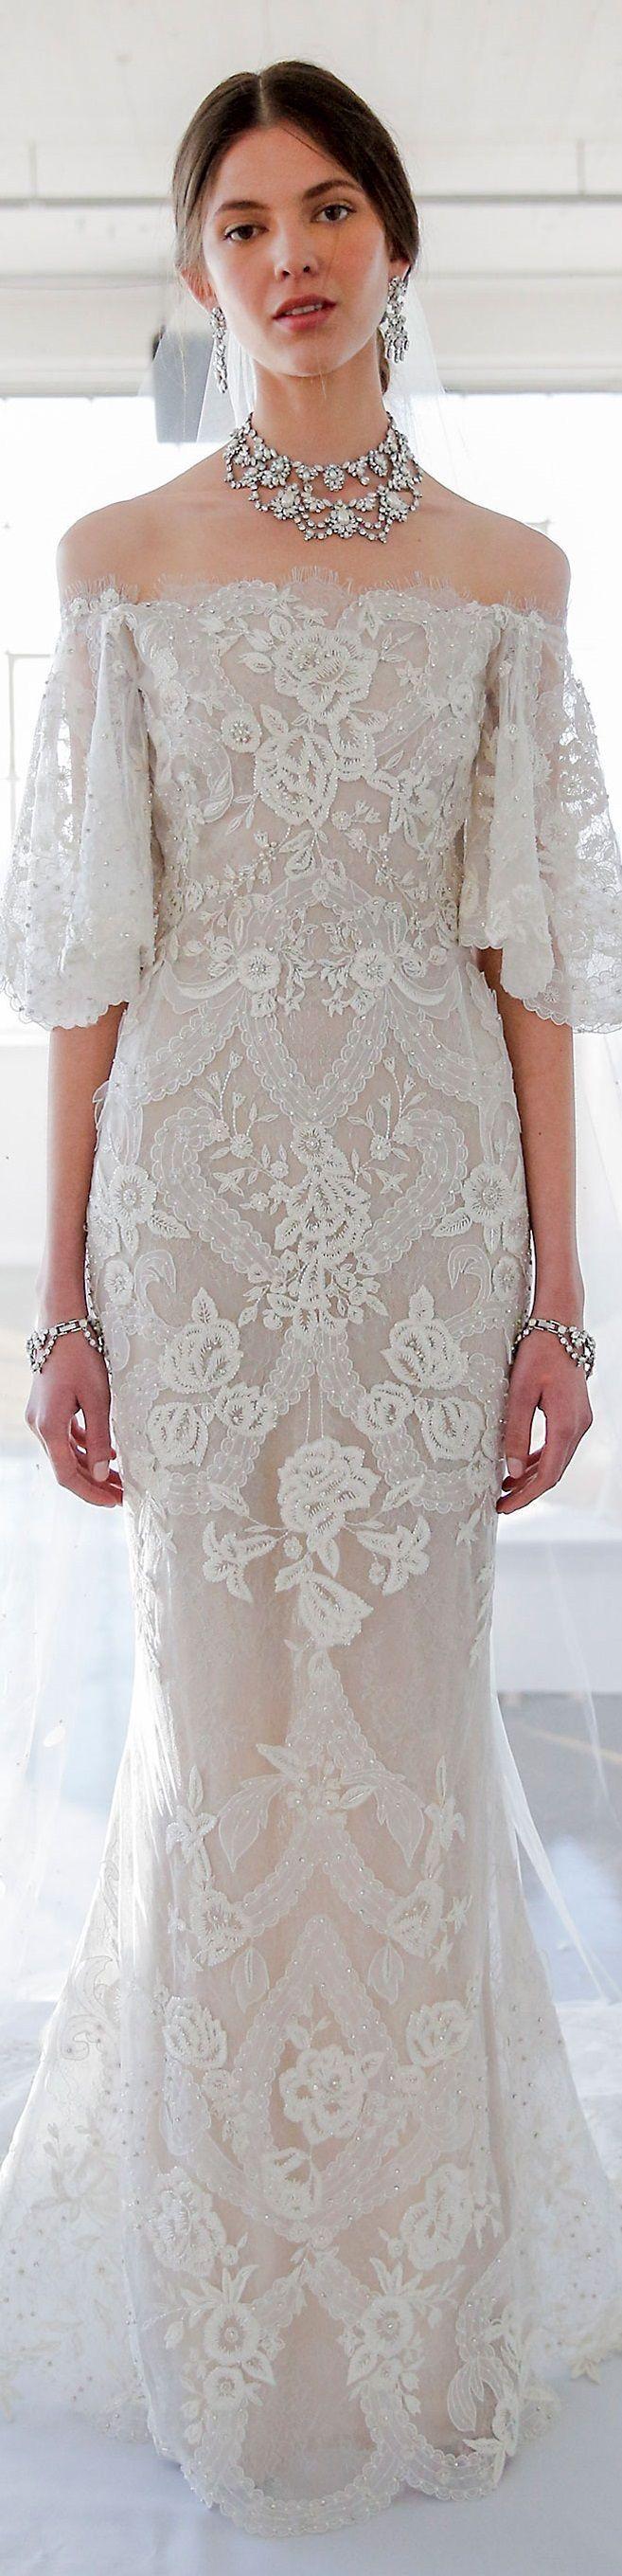 434 besten WEDDING DRESS Bilder auf Pinterest